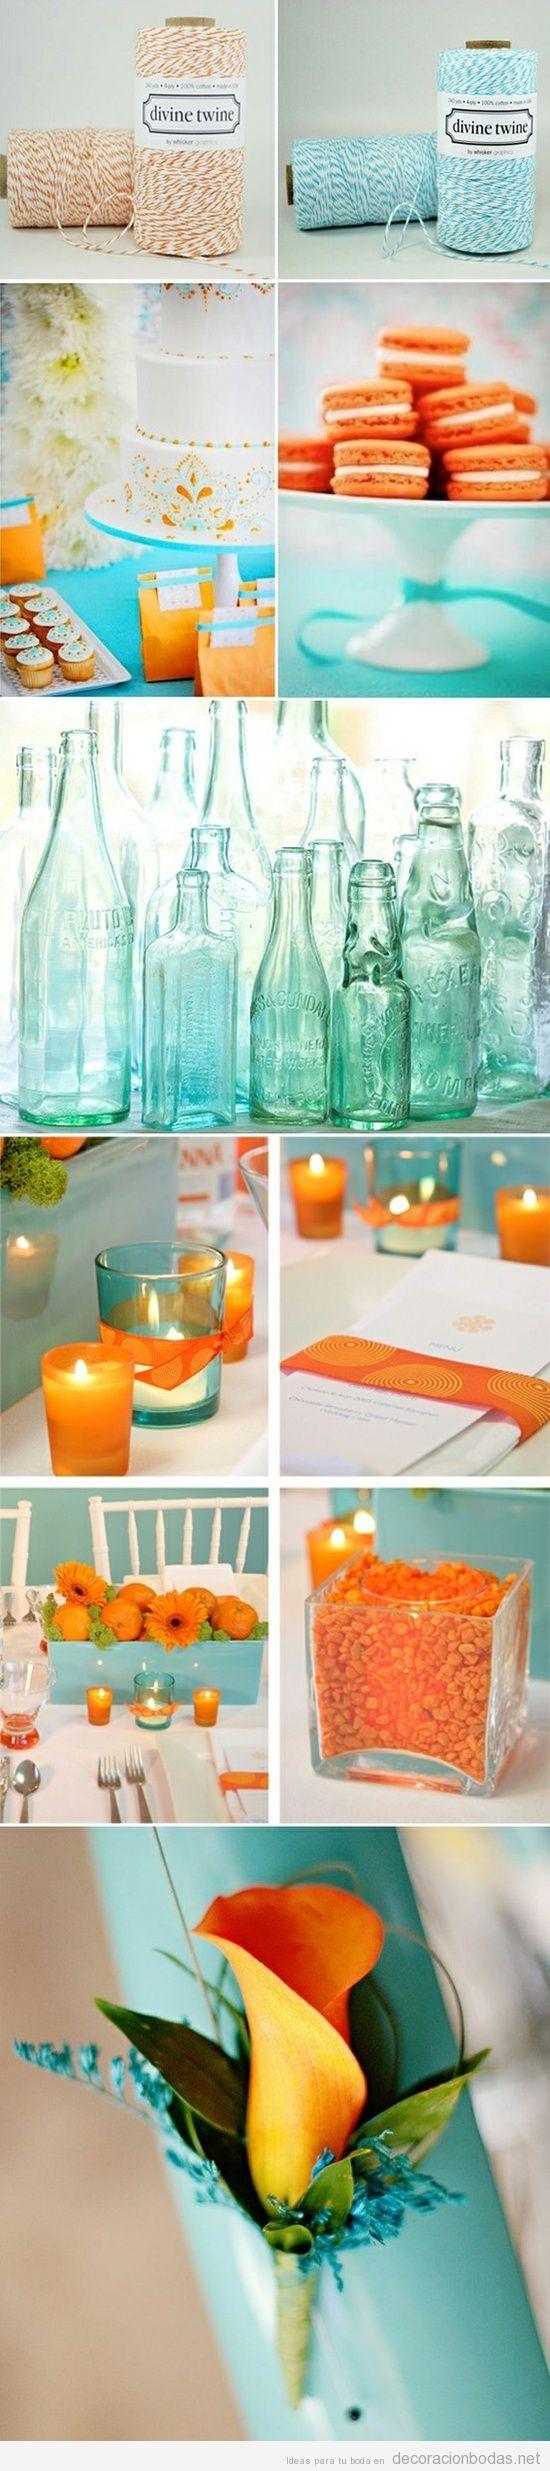 Ideas para decorar boda en azul turquesa y naranja